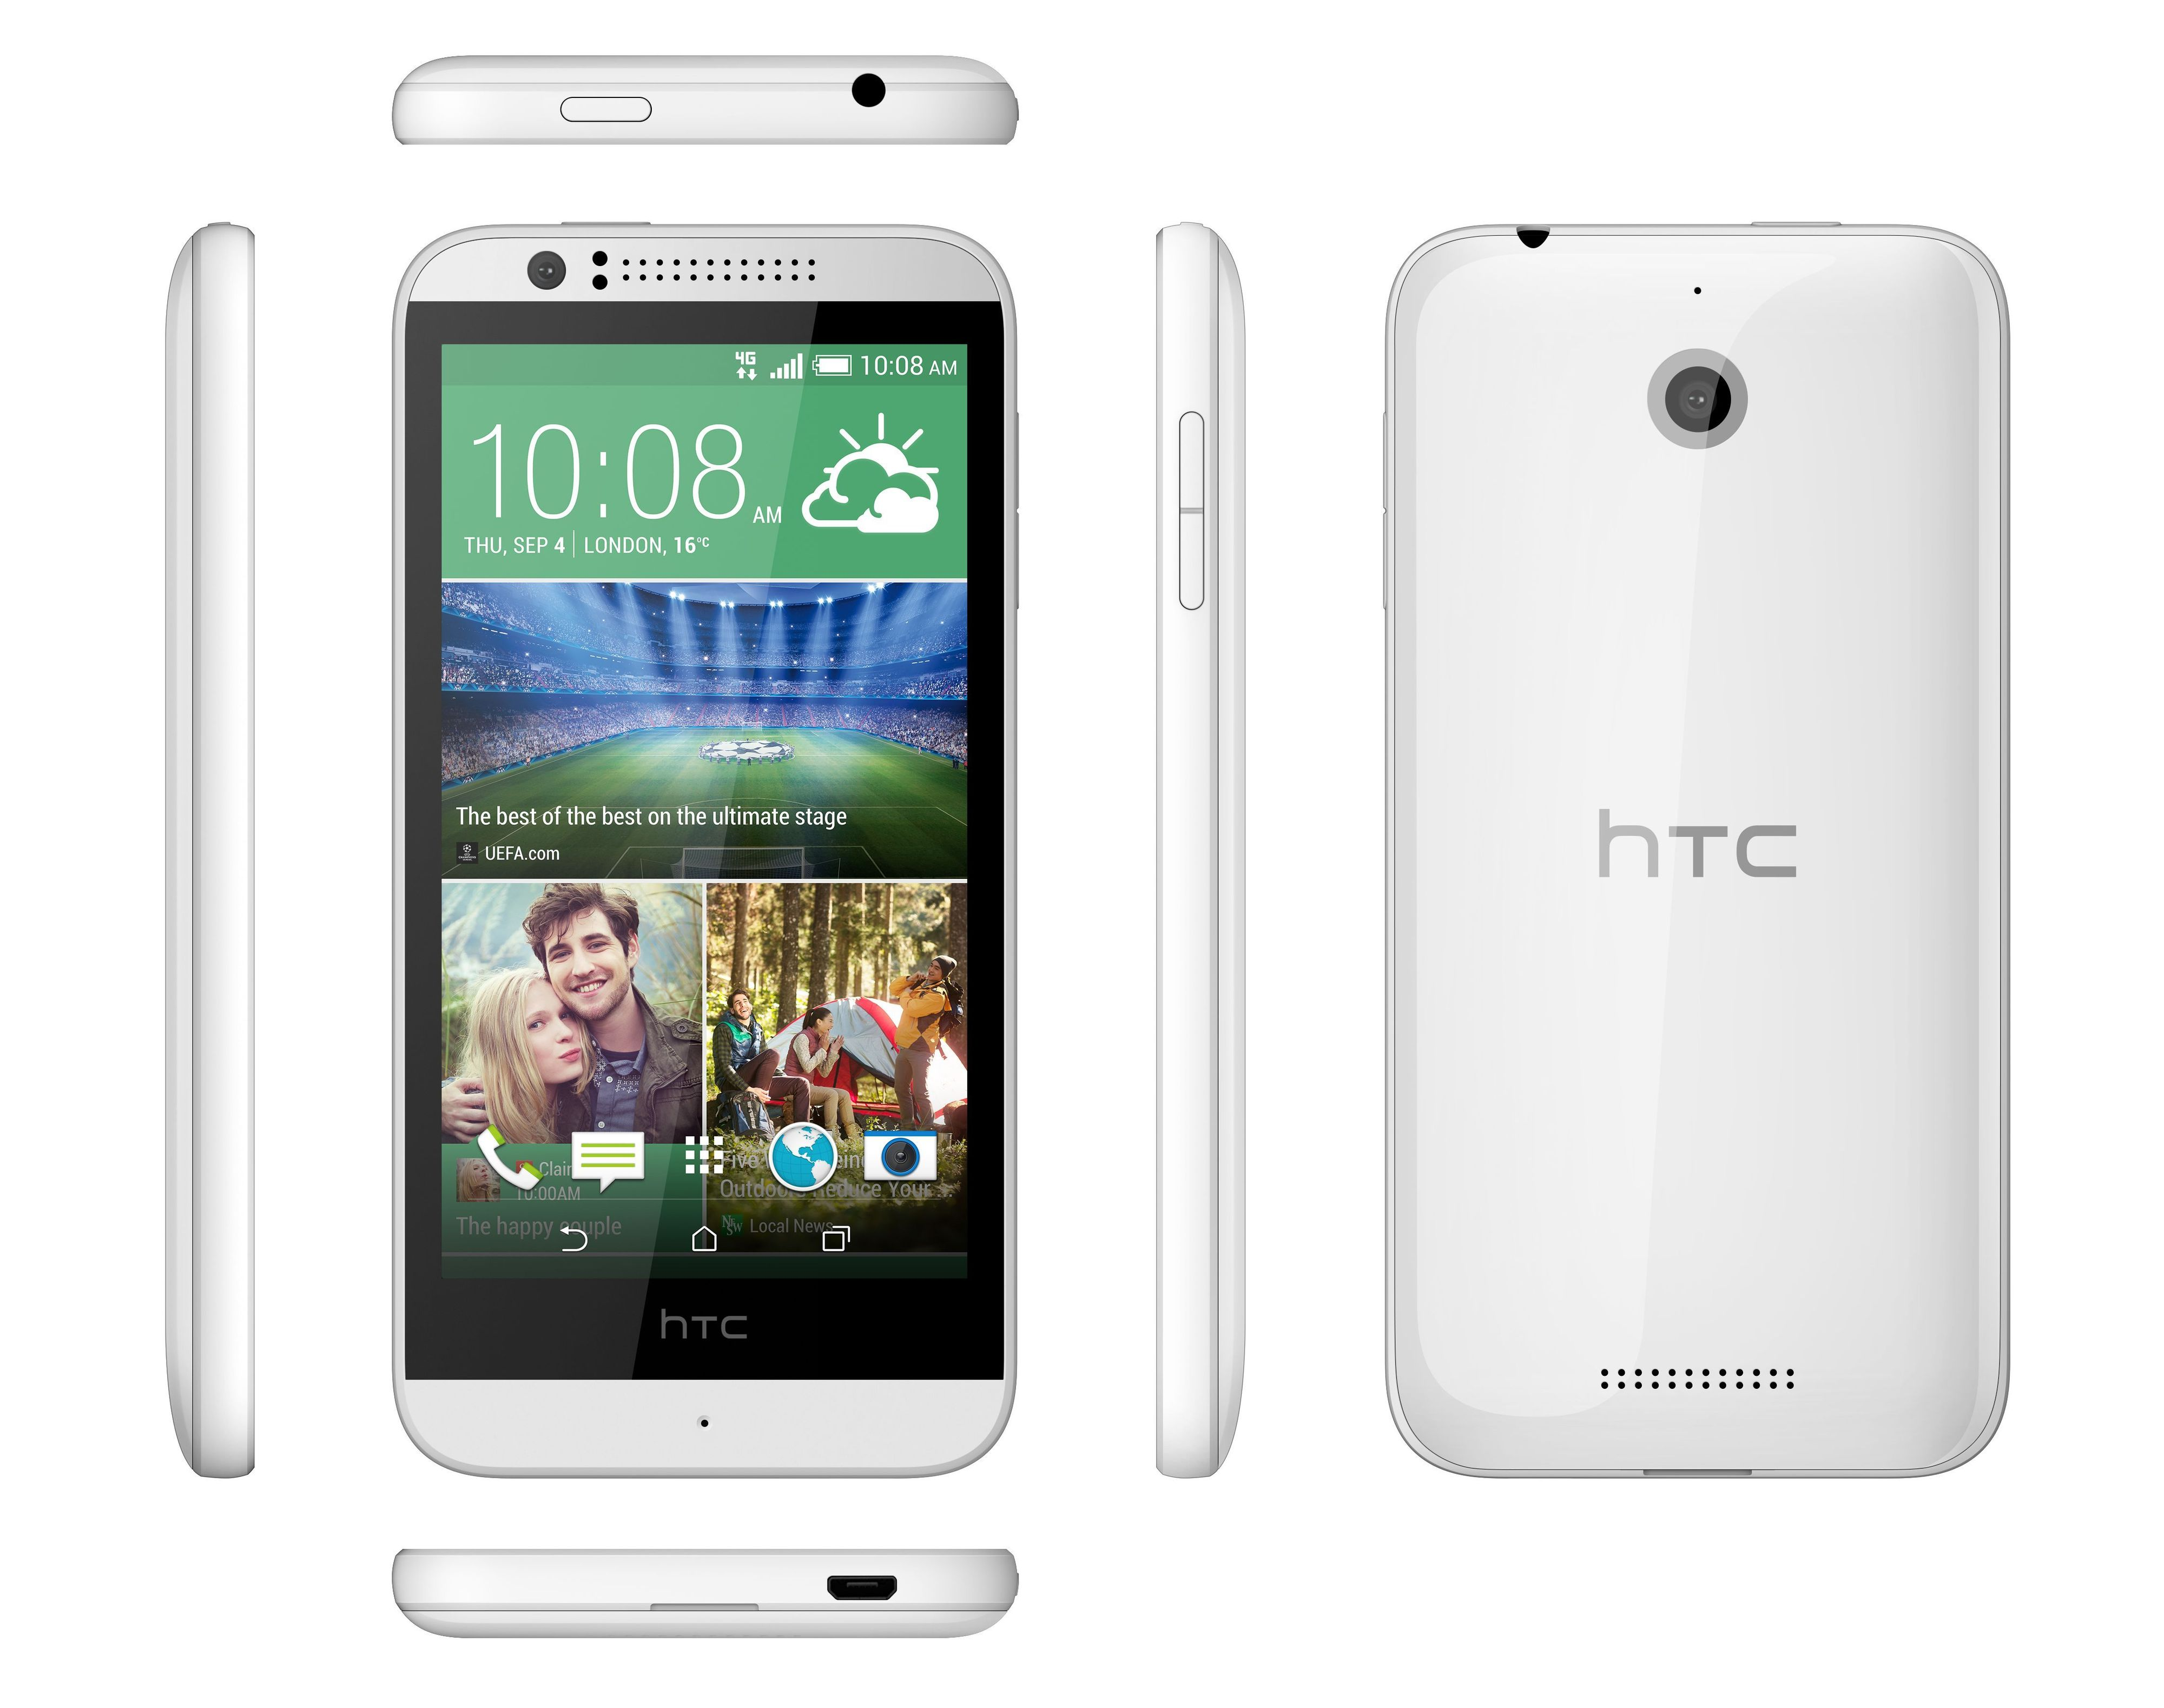 HTC Desire 510 fås i både mørk grå og hvit.Foto: HTC